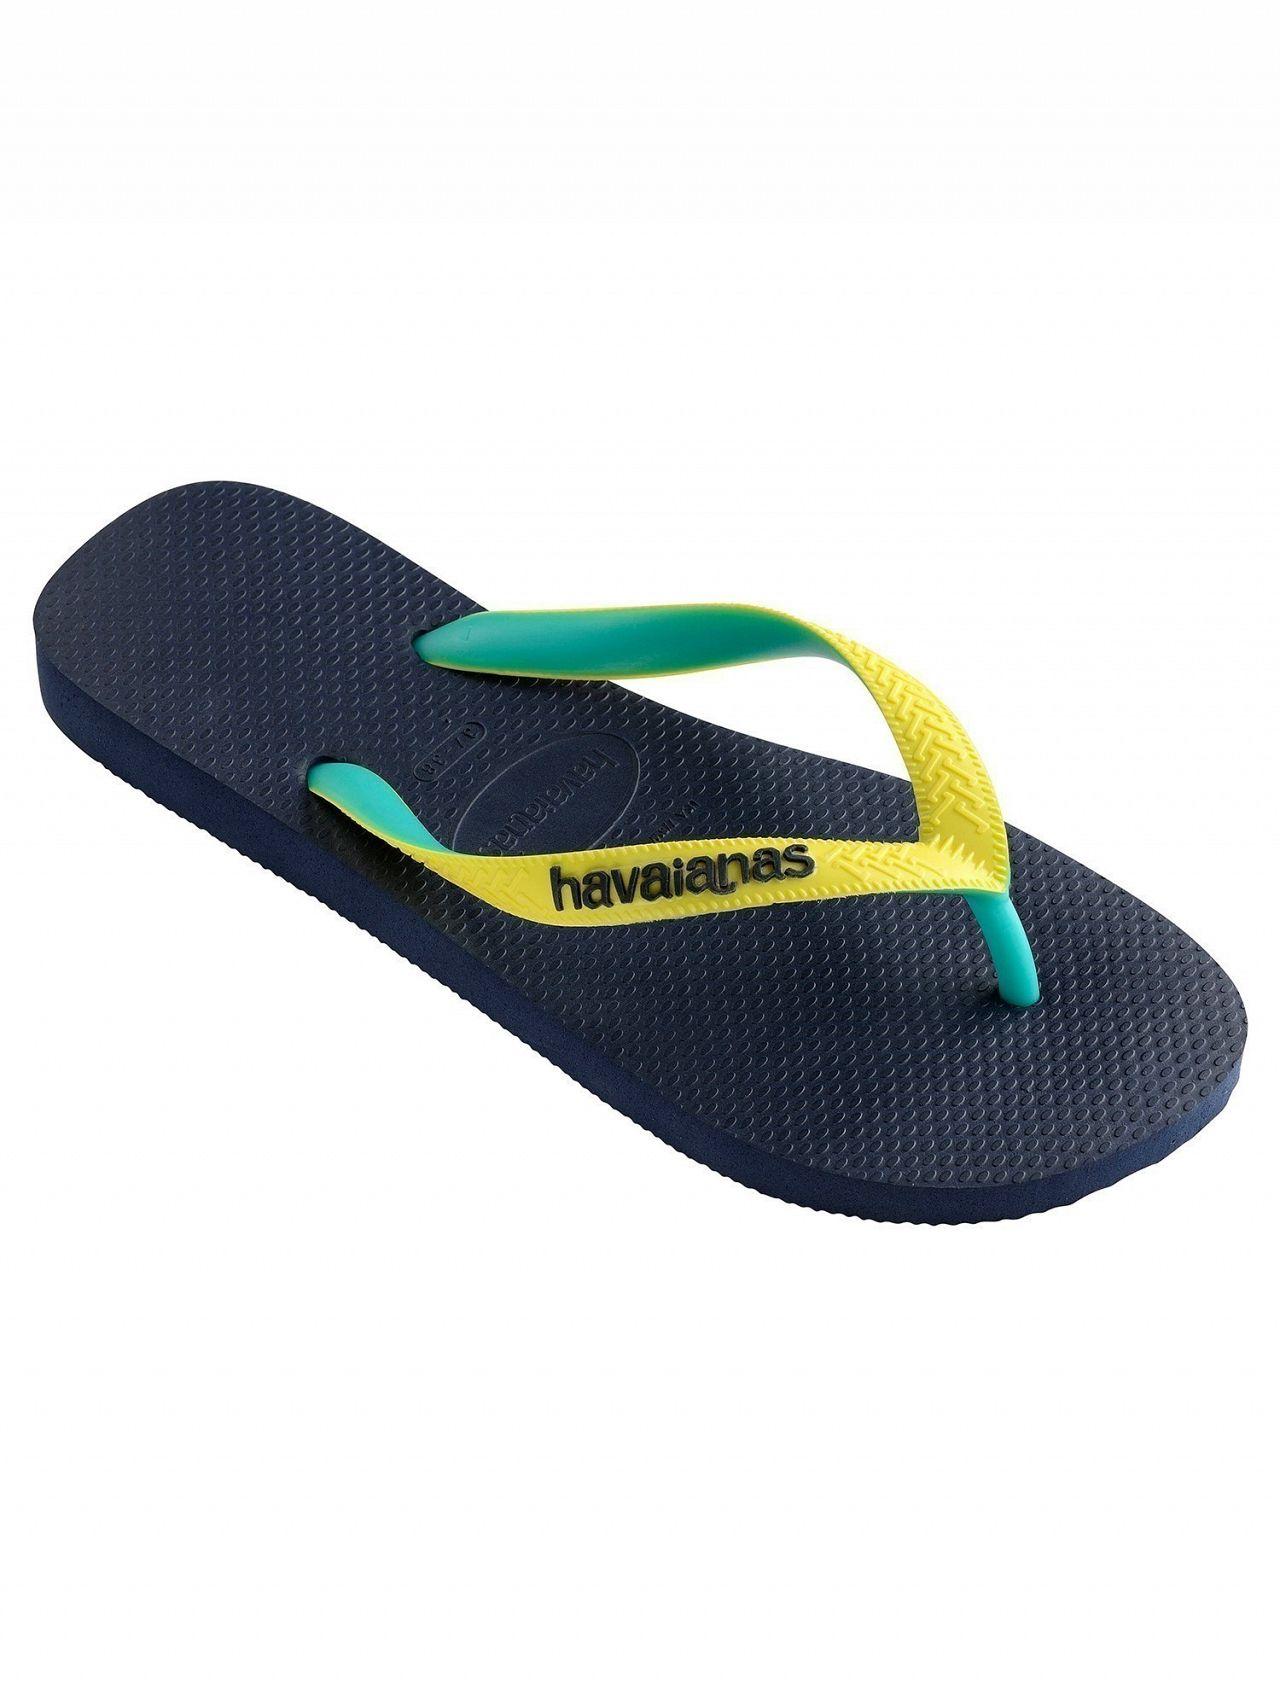 bd72be840 Havaianas Navy Neon Yellow Top Mix Flip Flops